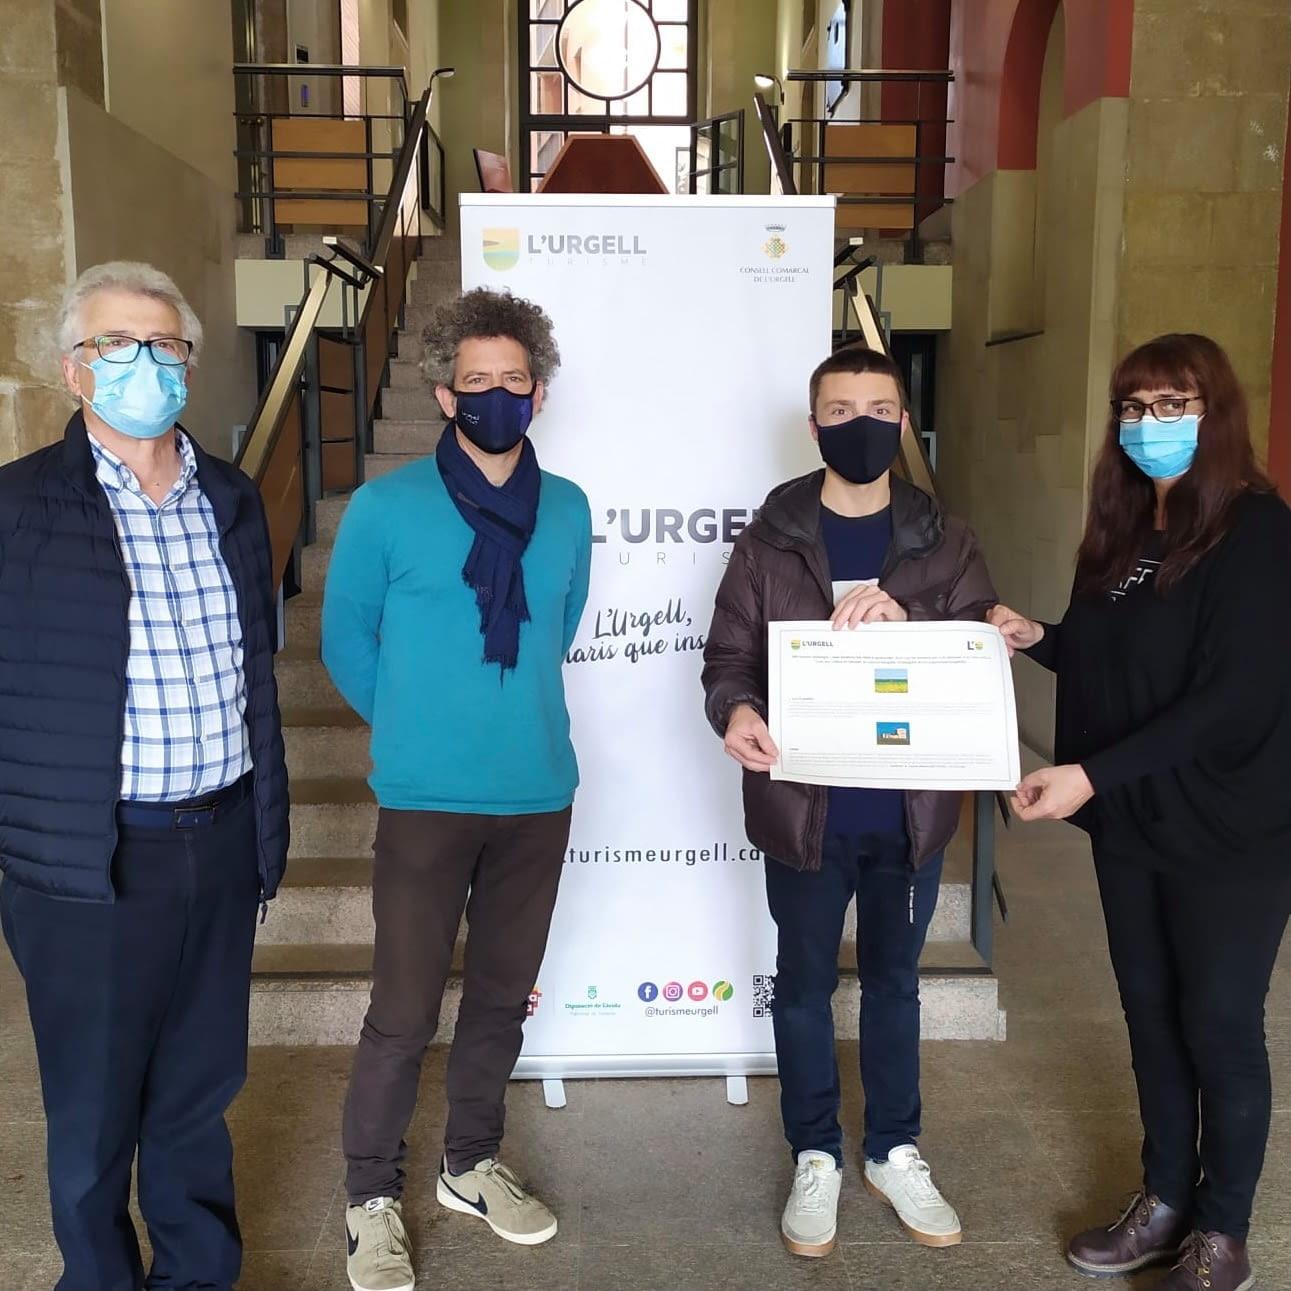 Entrega del premi al guanyador del concurs d'Instagram La primavera a l'Urgell, escenaris que inspiren